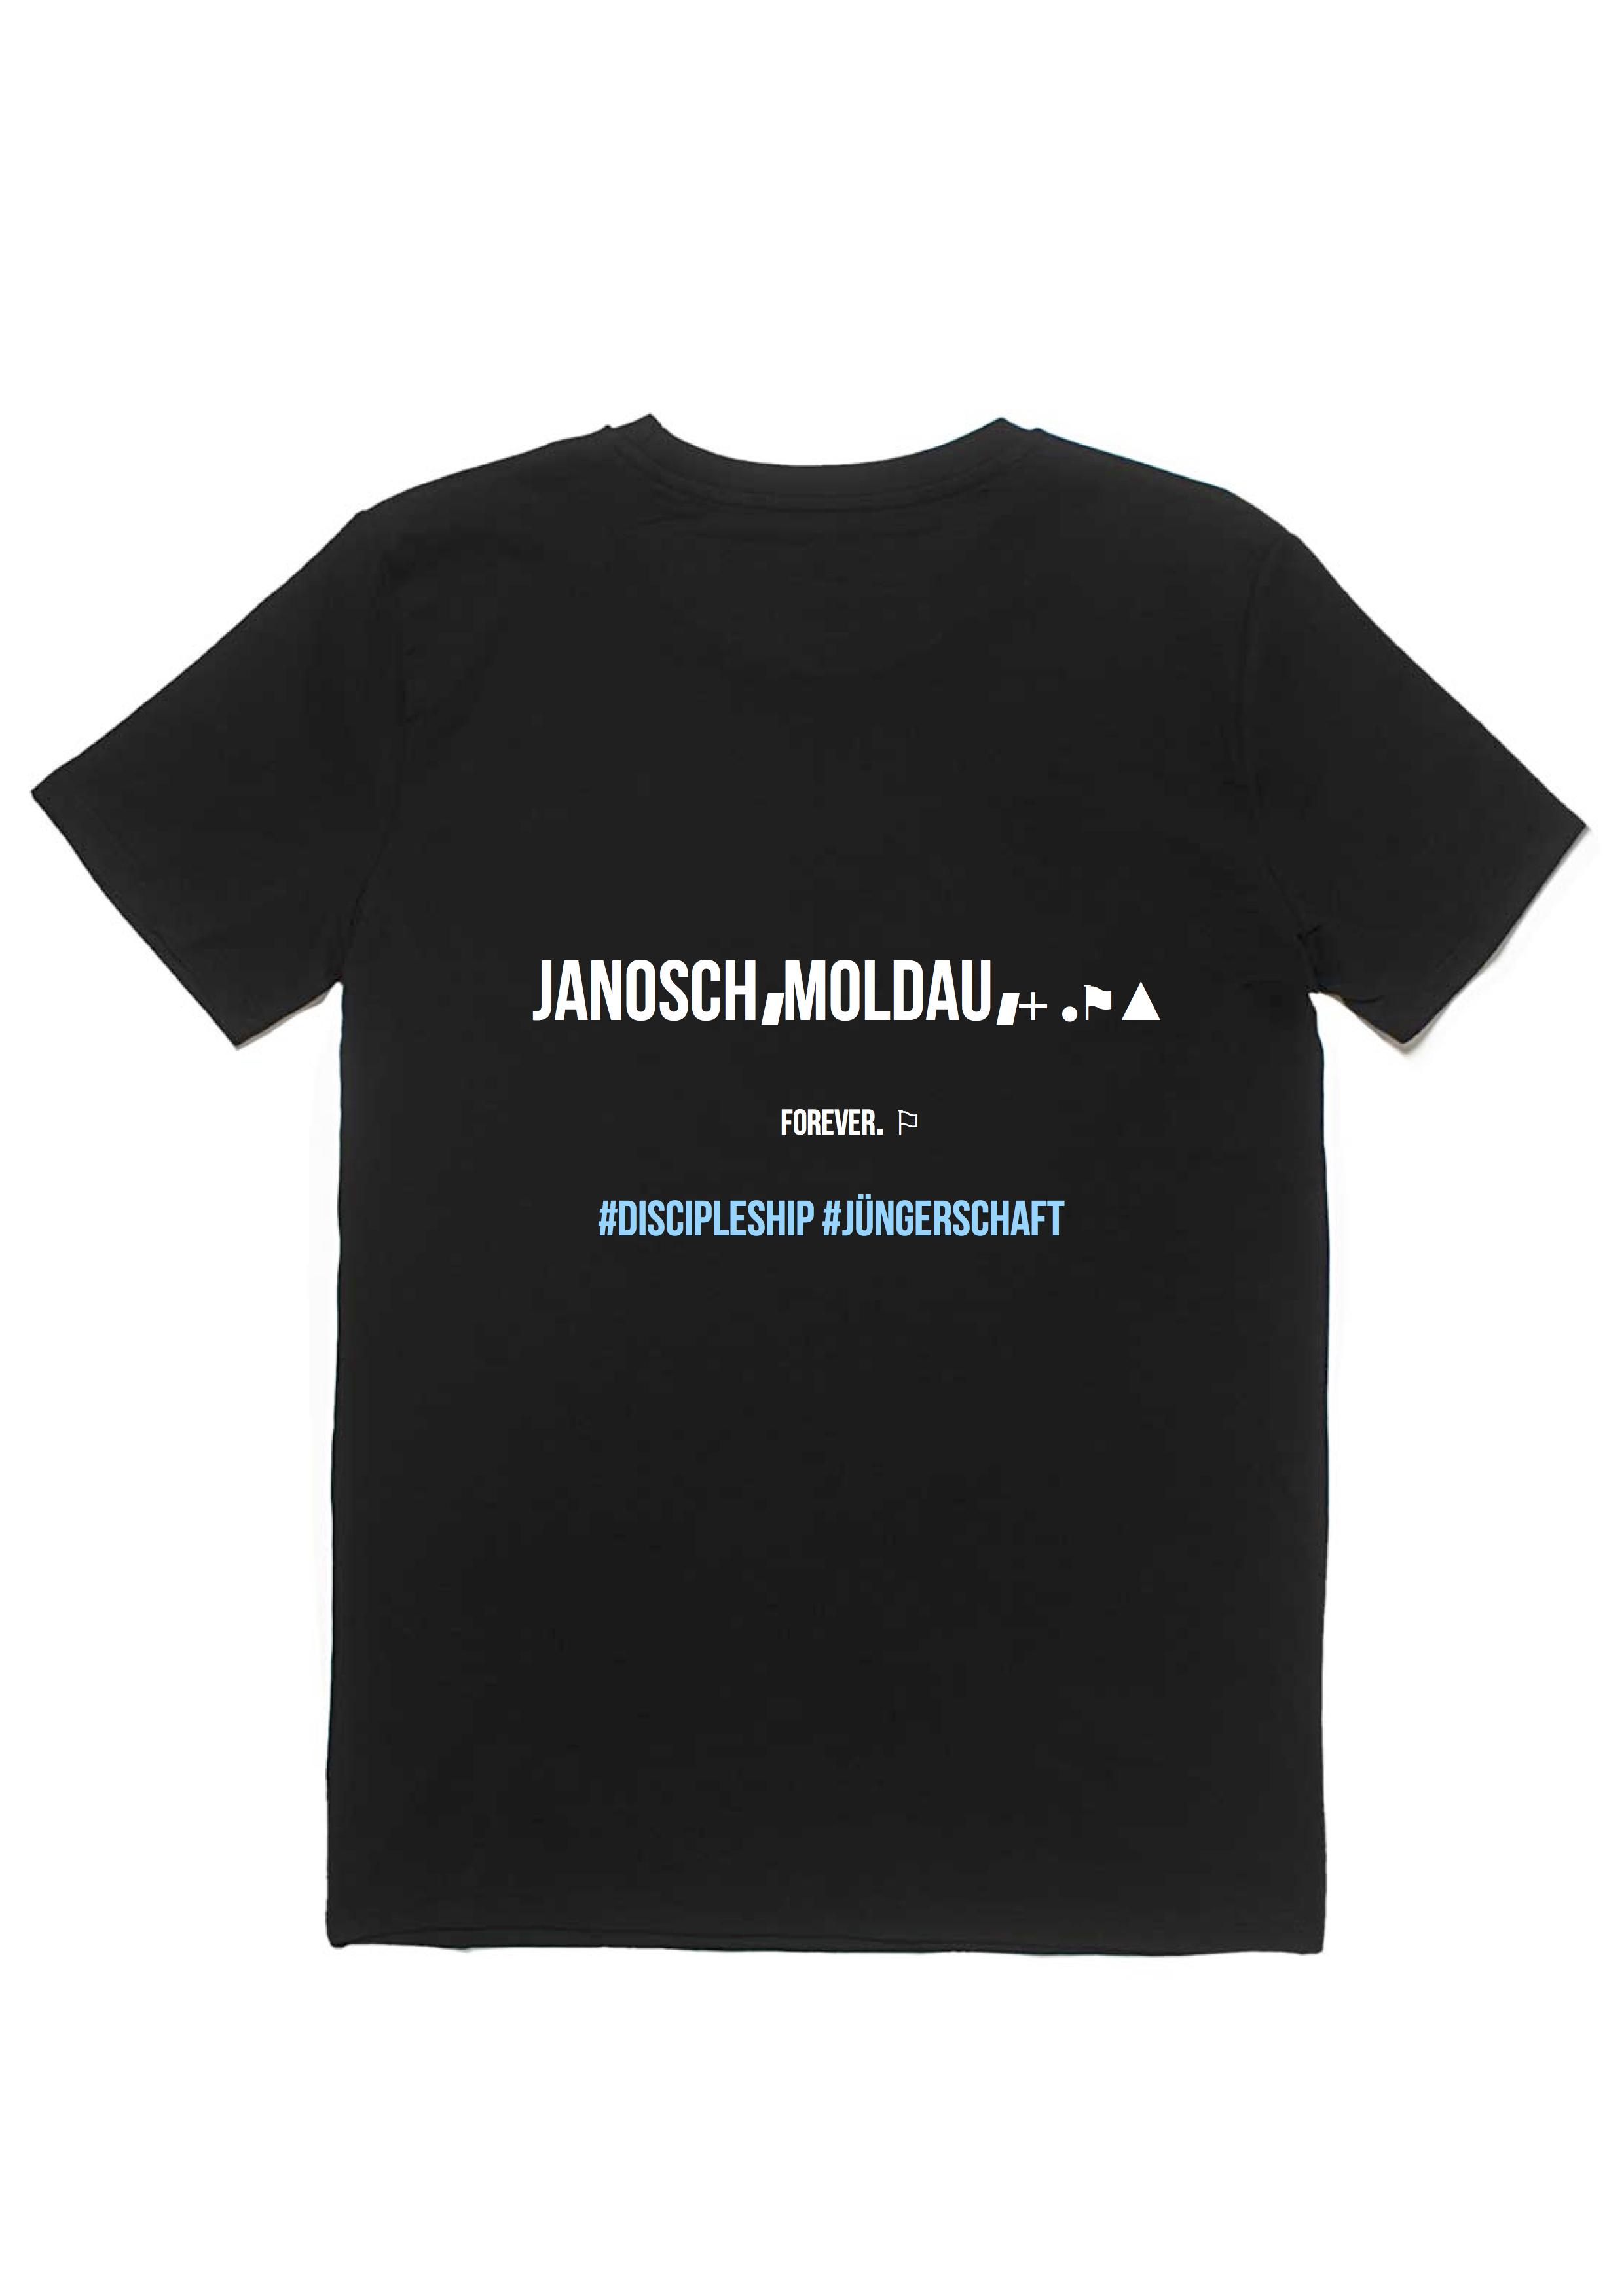 jm discipleship tshirt (special fanclub edition)